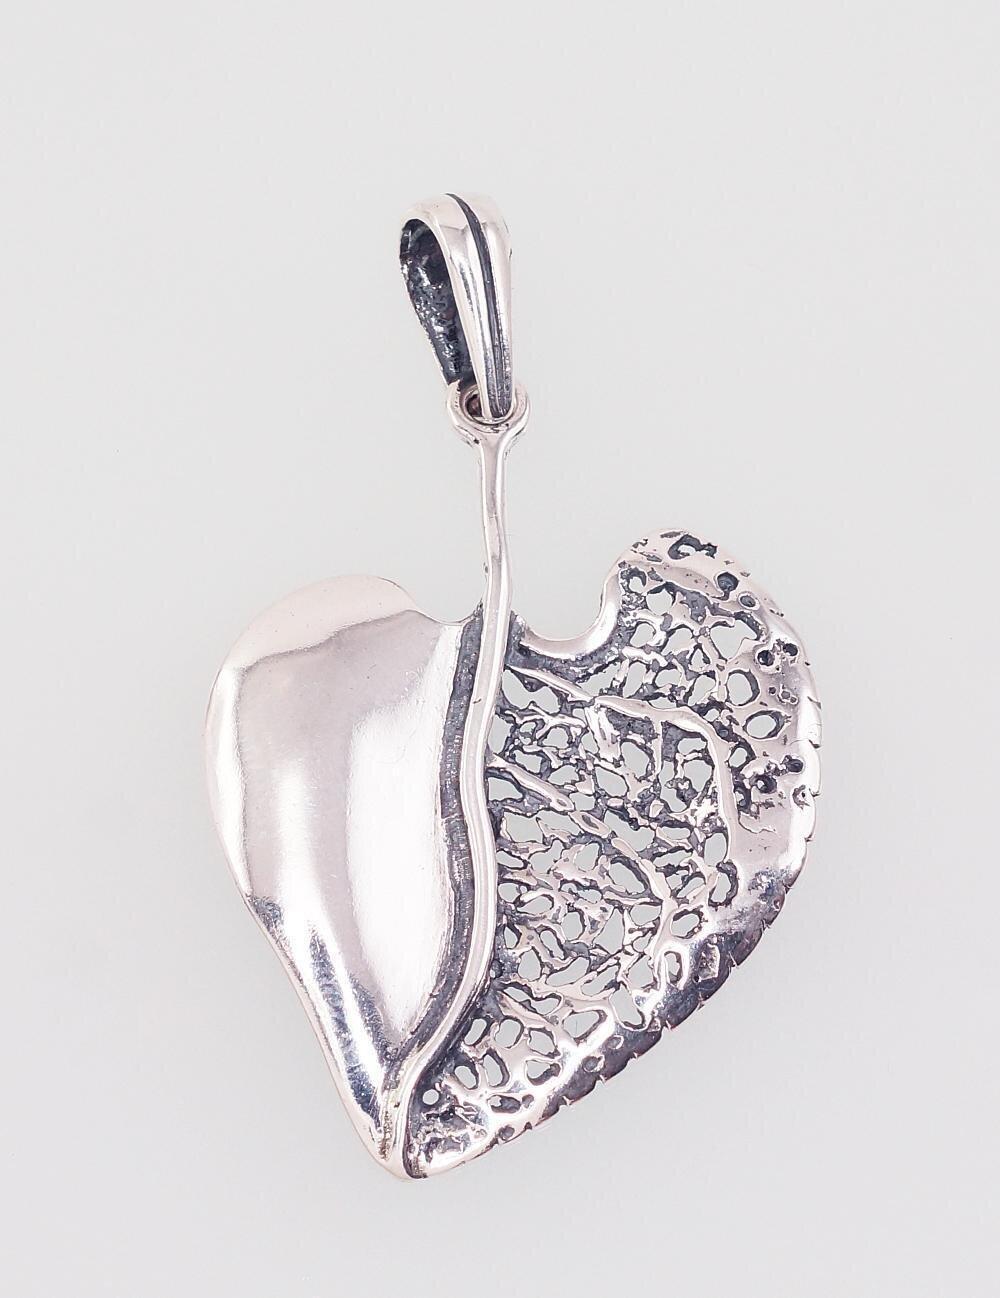 Sidabrinis moteriškas žiedas Modelis ADUM#2301682(POx-Bk)